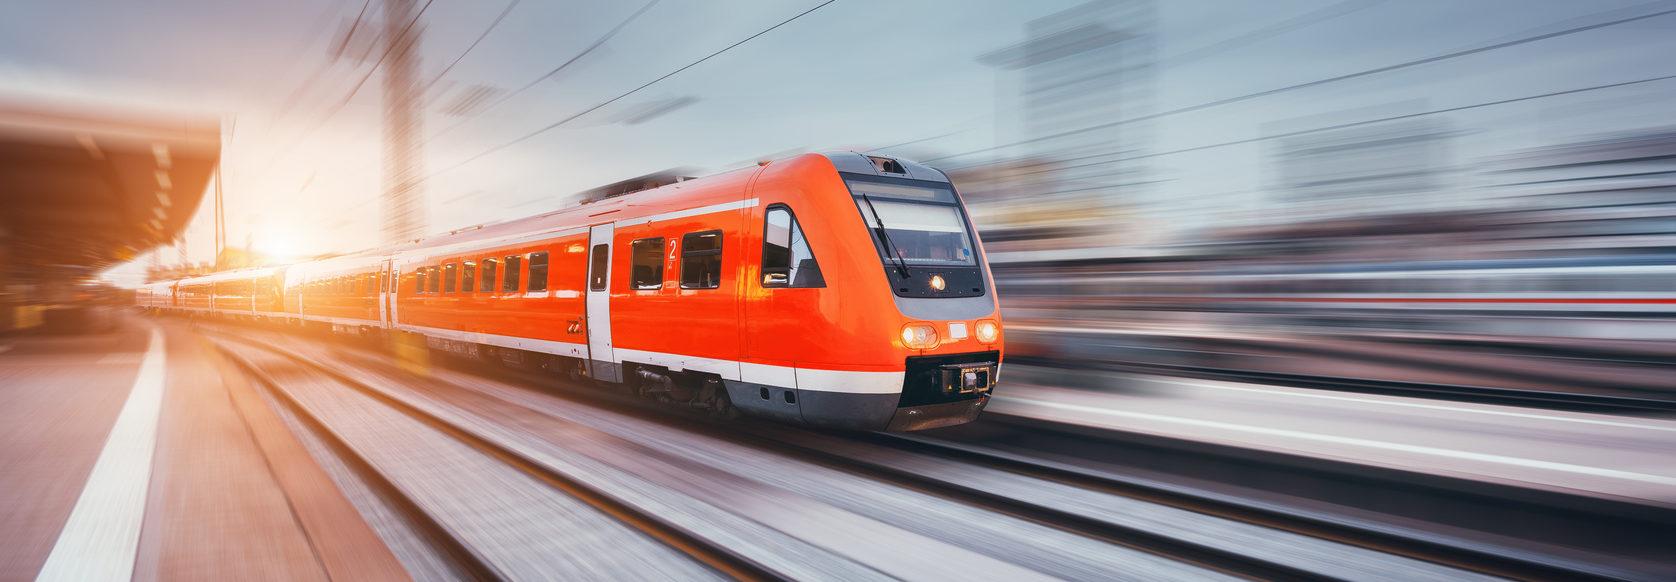 Schnellzug Bahnhof